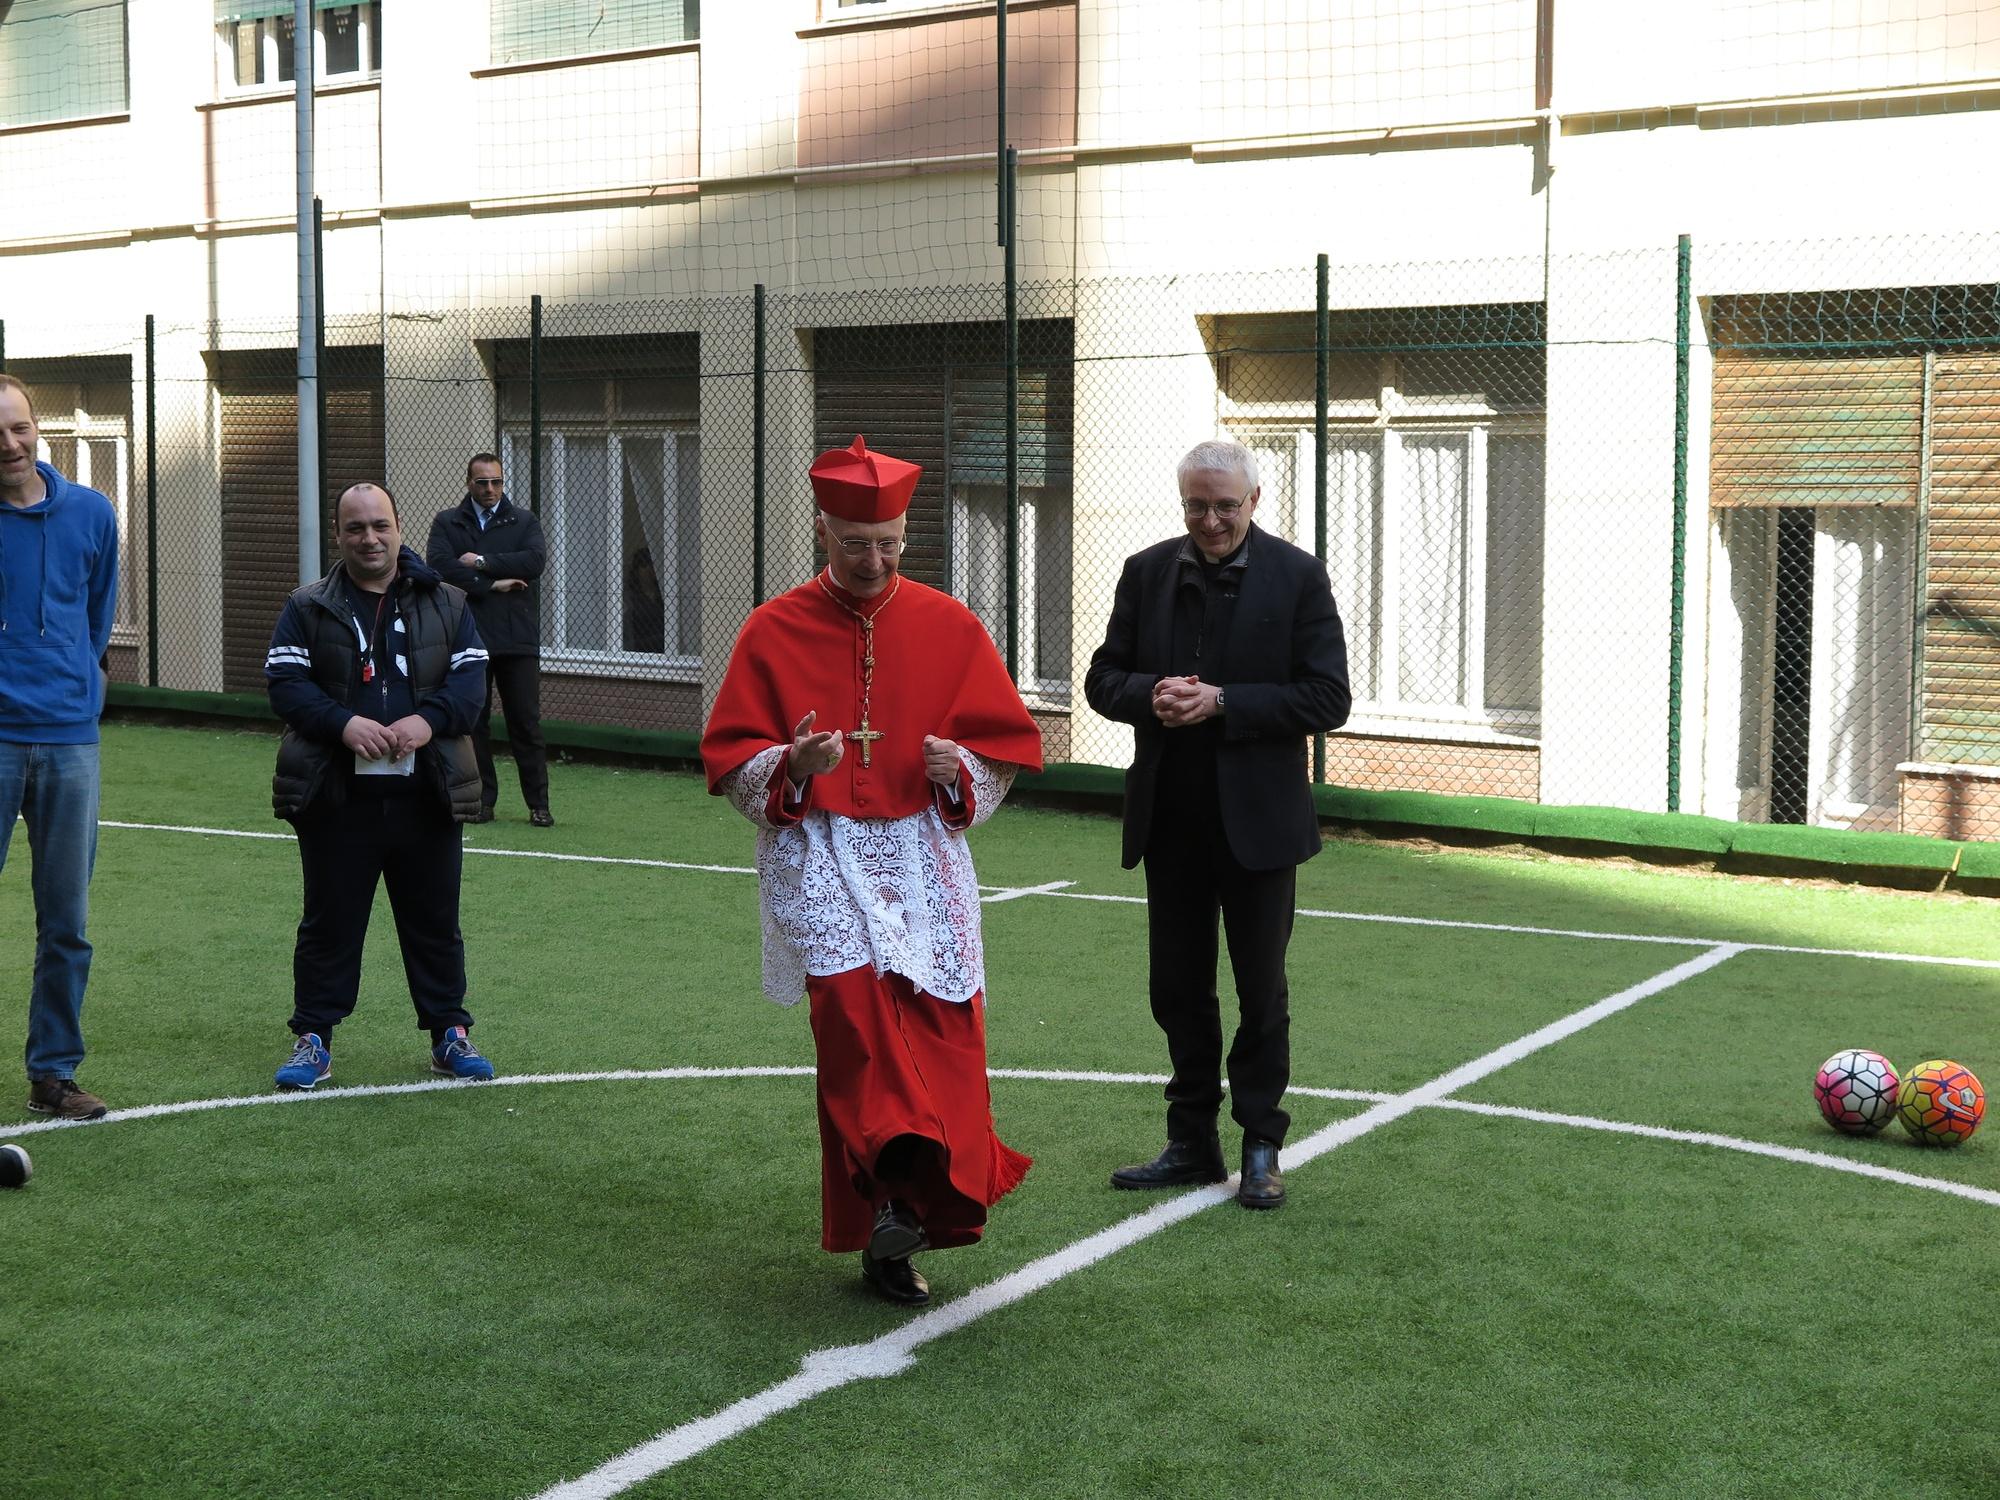 san-giuseppe-torneo-calcio-2016-03-19-14-22-12